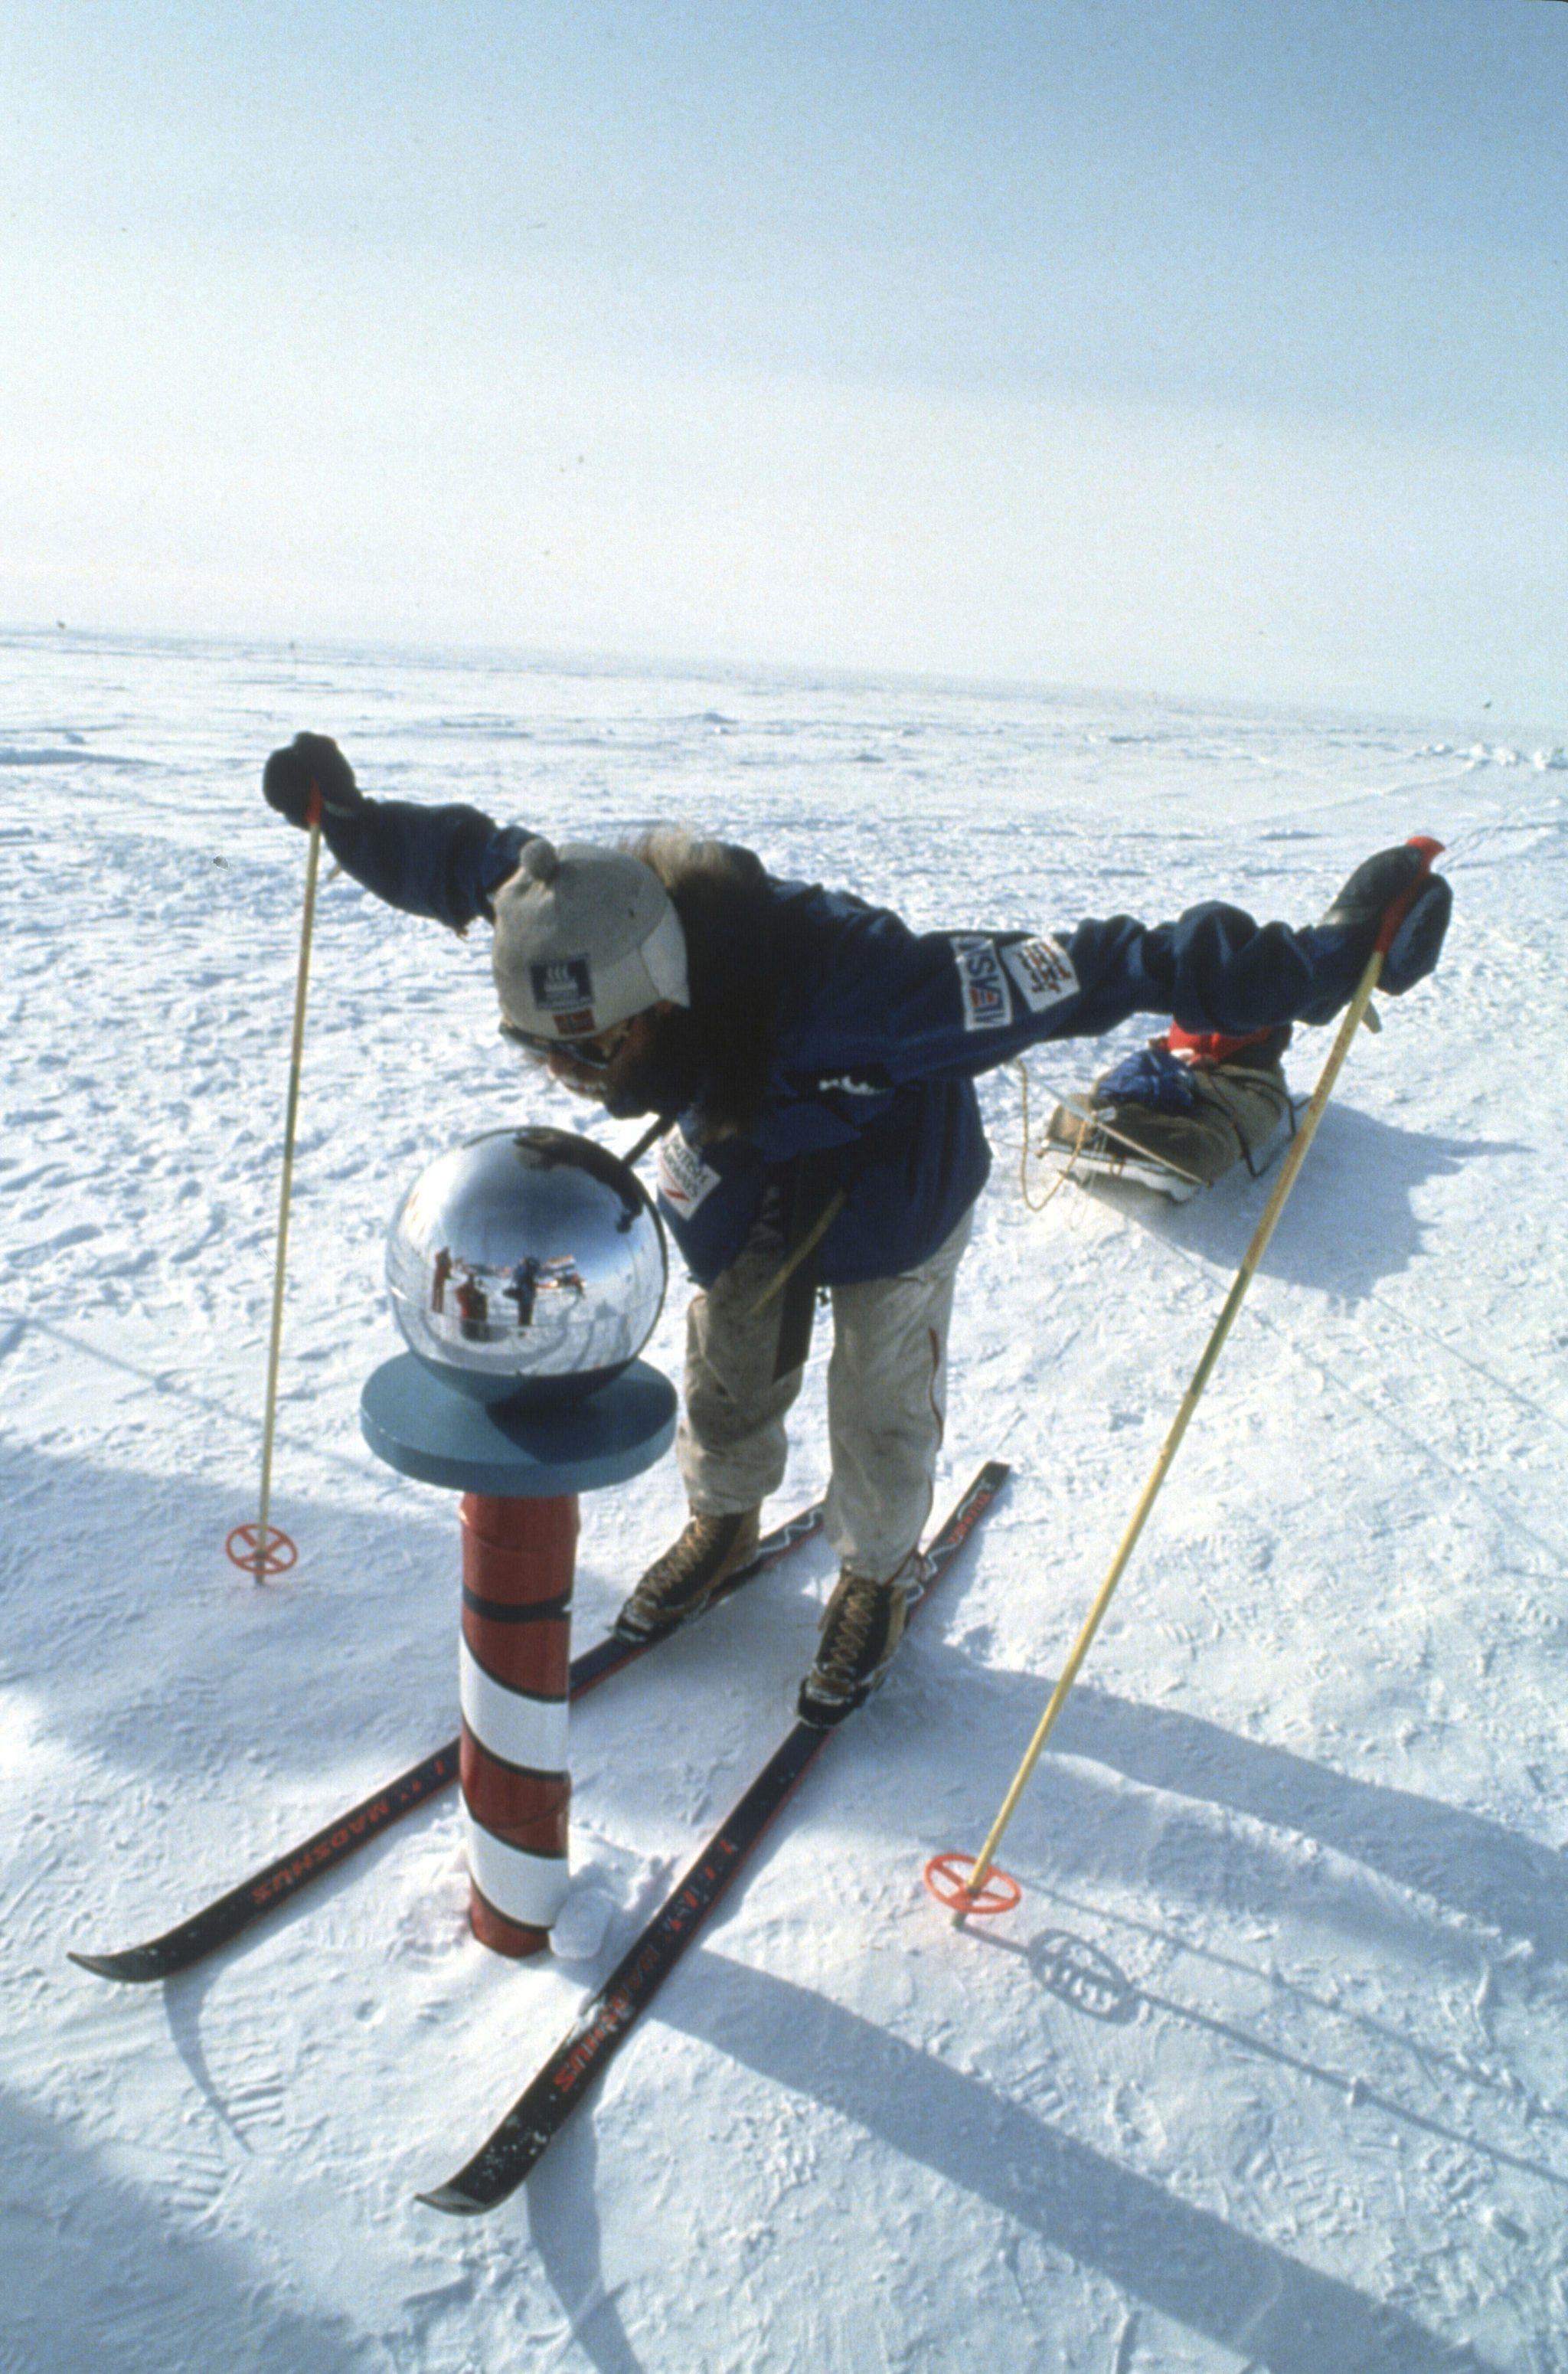 Polo Norte.  En 1990, Erling Kagge y Børge Ousland fueron los primeros hombres en llegar hasta el Polo Norte sin apoyo exterior. La expedición comenzó en la isla Ellesmere el 8 de marzo de 1990 y alcanzaron el Polo Norte al cabo de 58 días, el 4 de mayo de 1990. Viajaron 800 km en esquíes y arrastrando trineos.